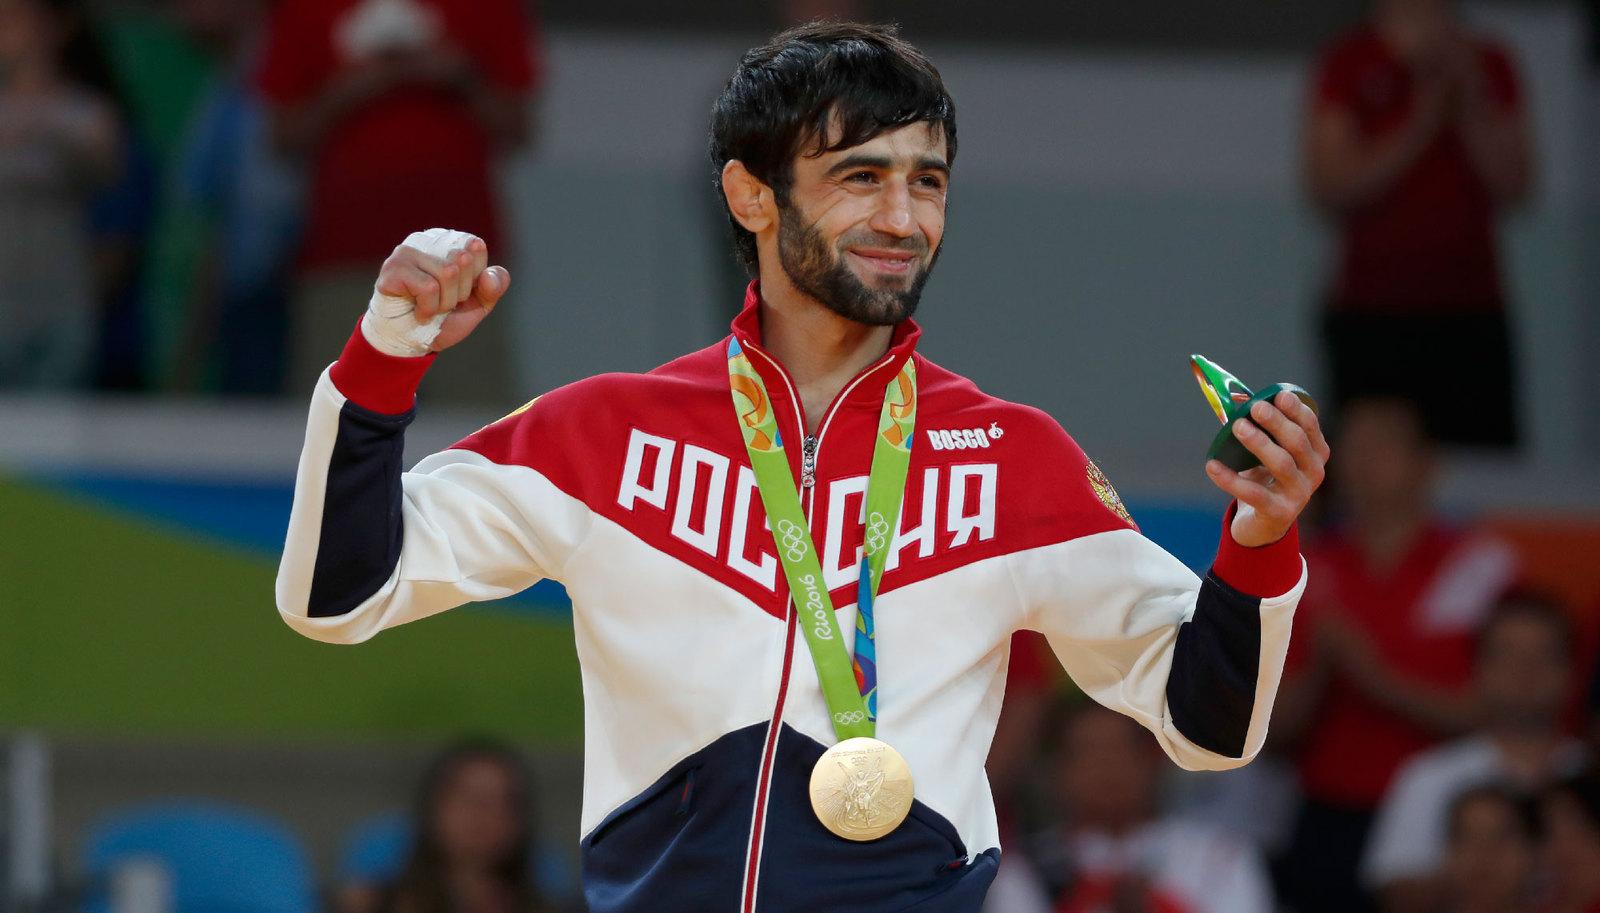 Российский дзюдоист Беслан Мудранов с золотой медалью на груди